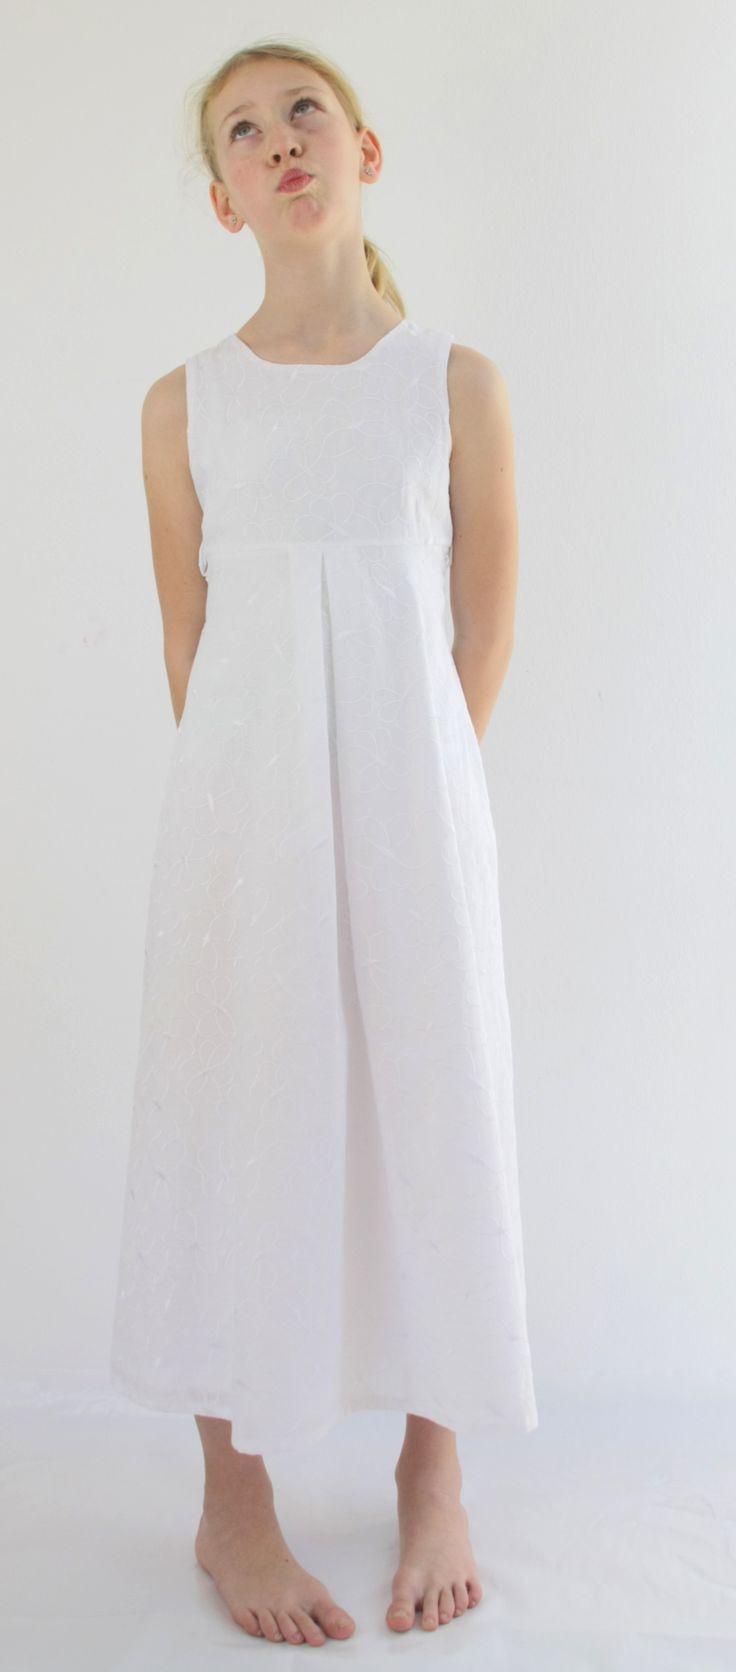 Baumwollkommunionkleid Aus München  Kommunion Kleider